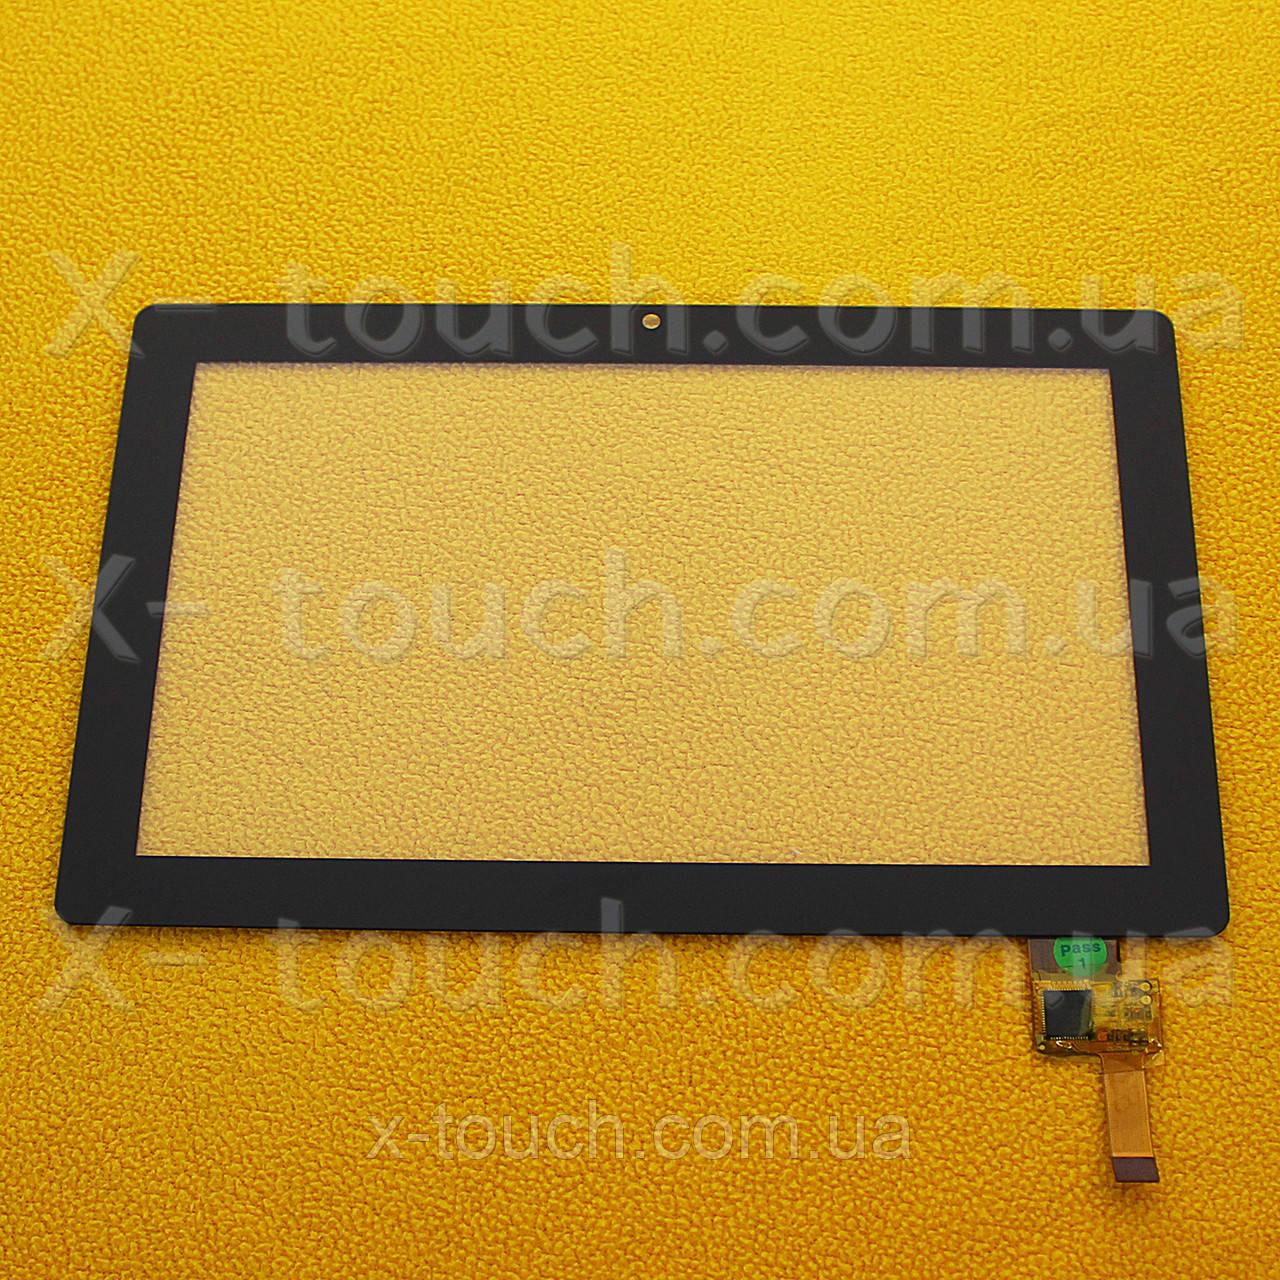 Тачскрин, сенсор  TOPSUN_C0019_A2 для планшета